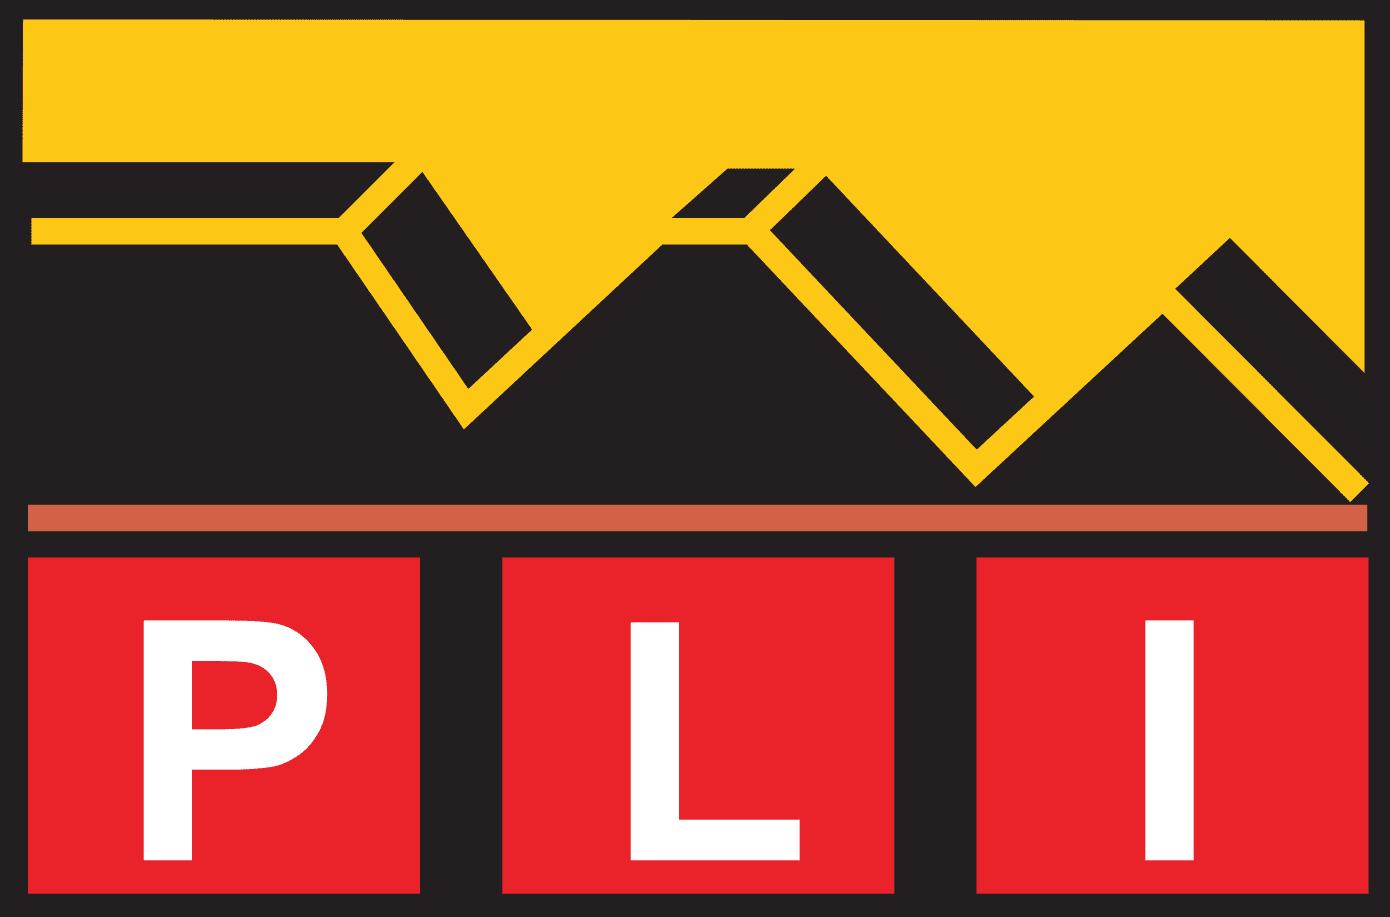 Pollert